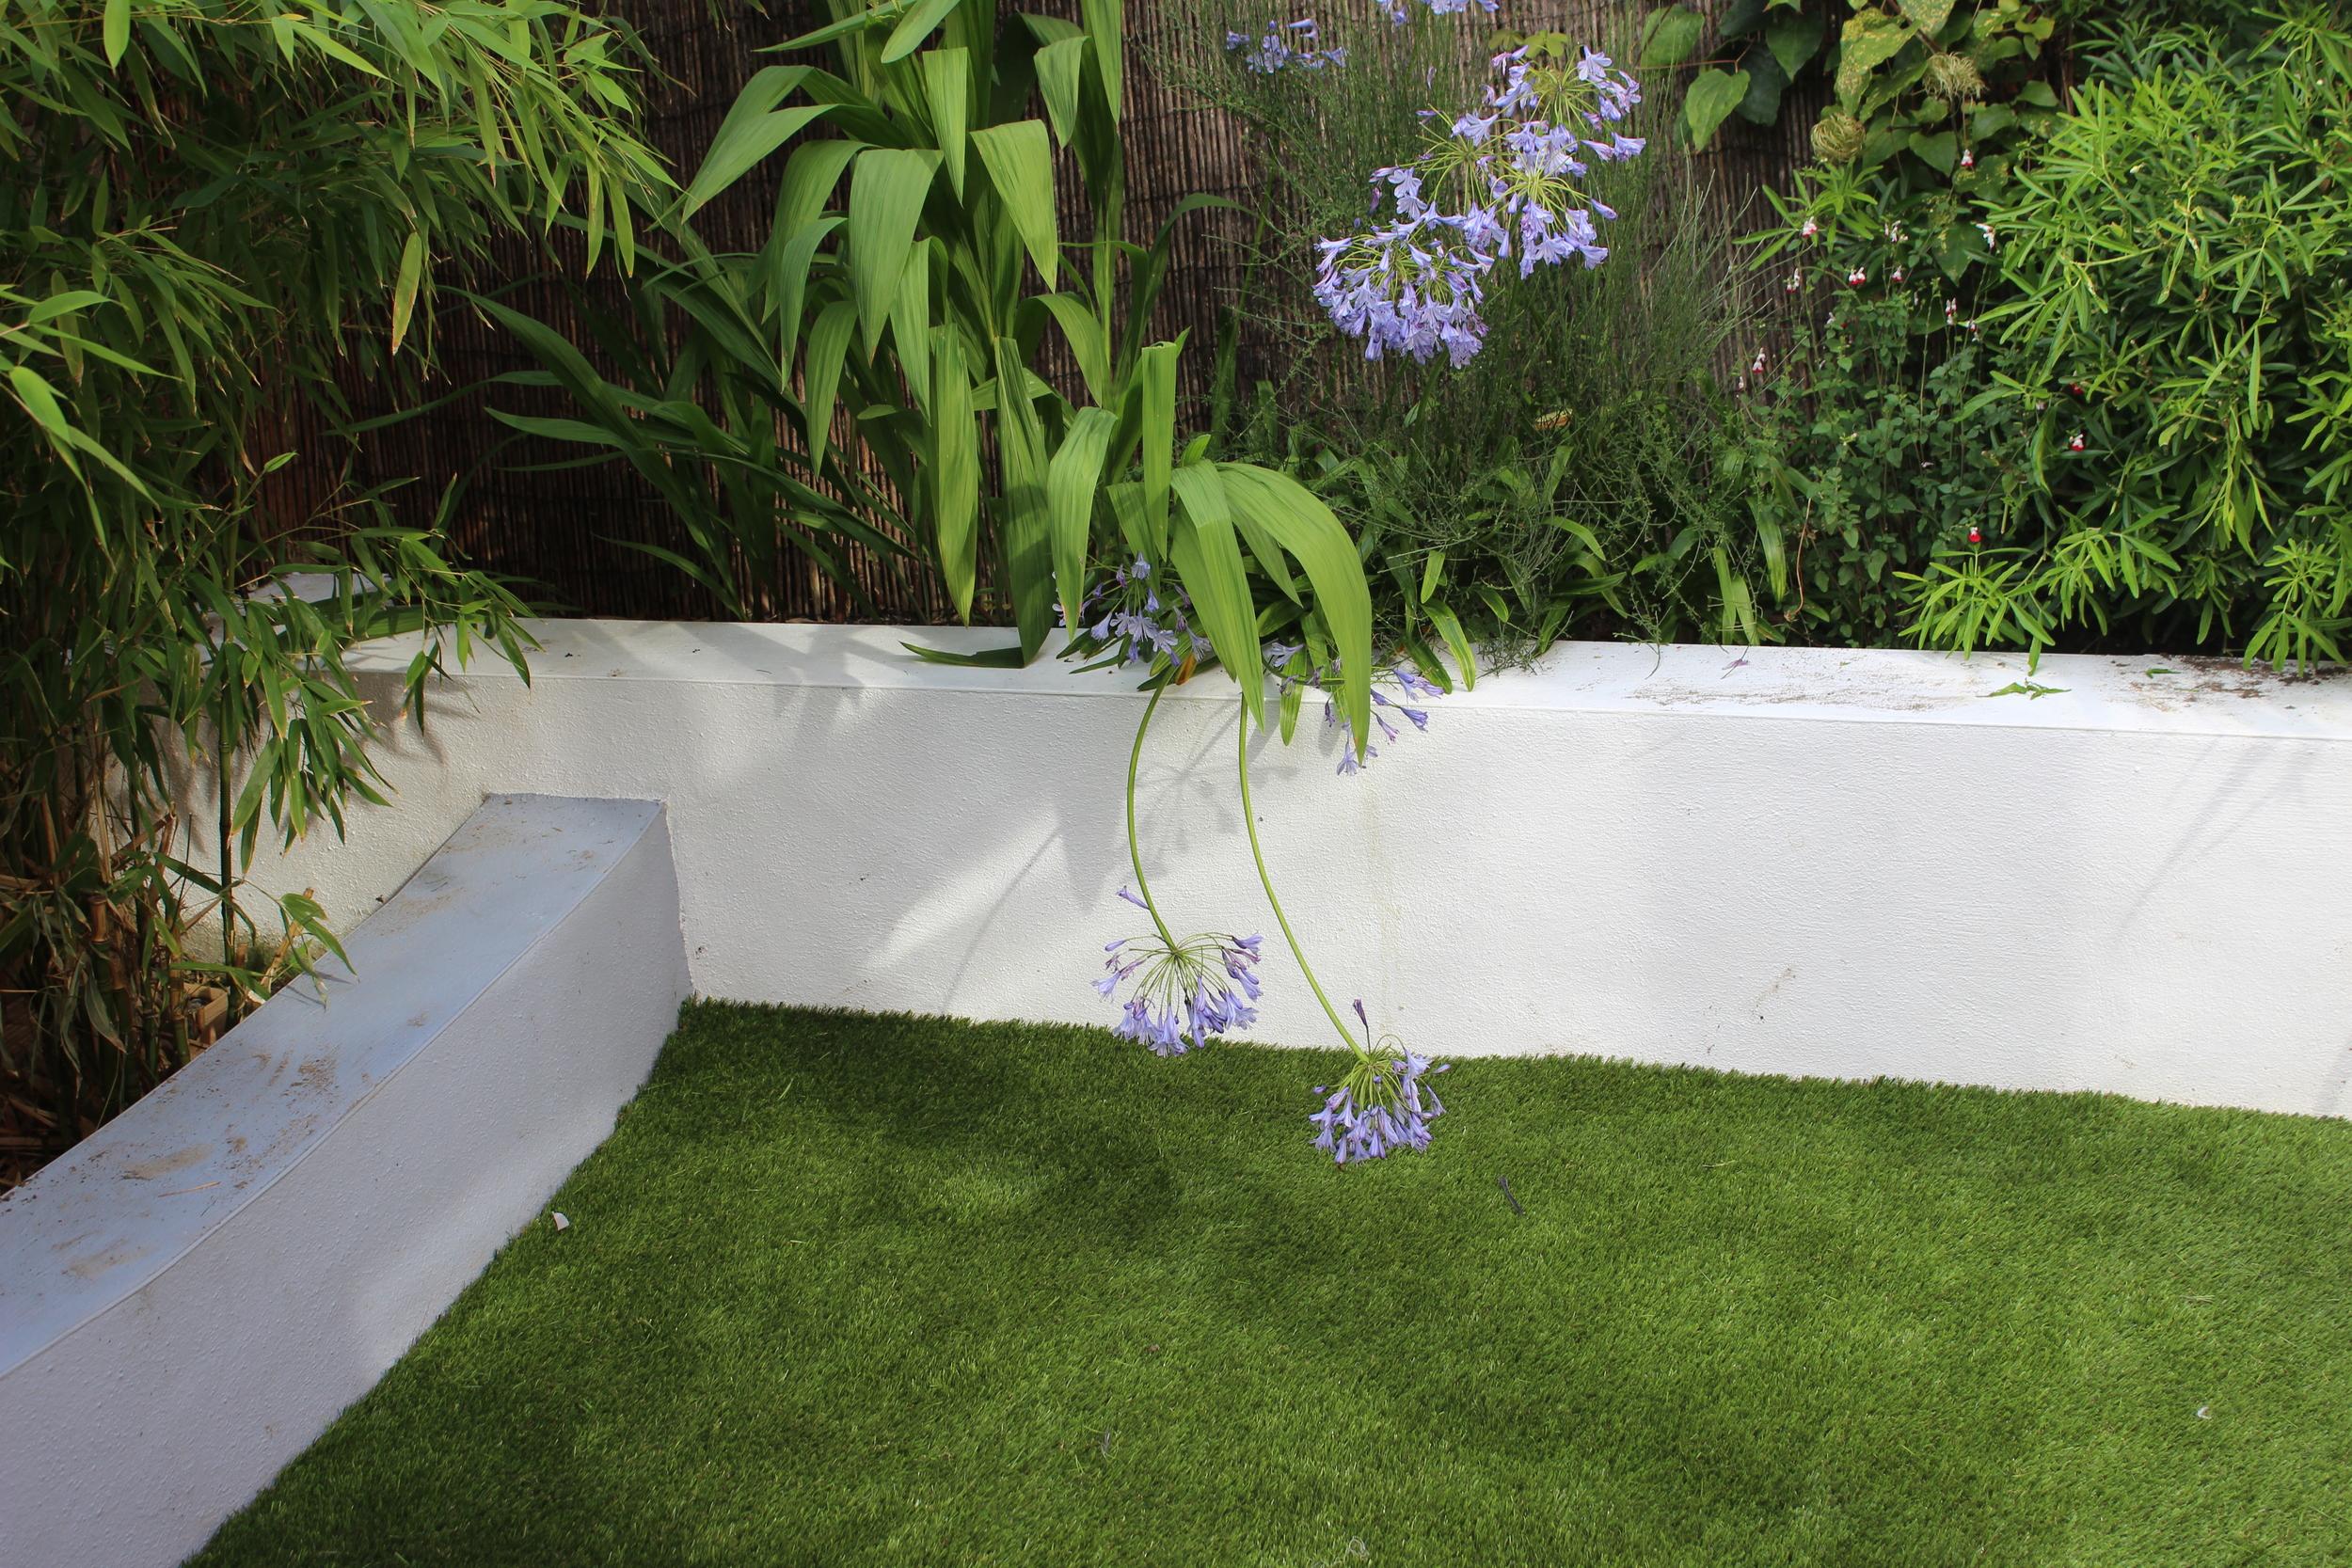 Ranelagh Artificial Grass